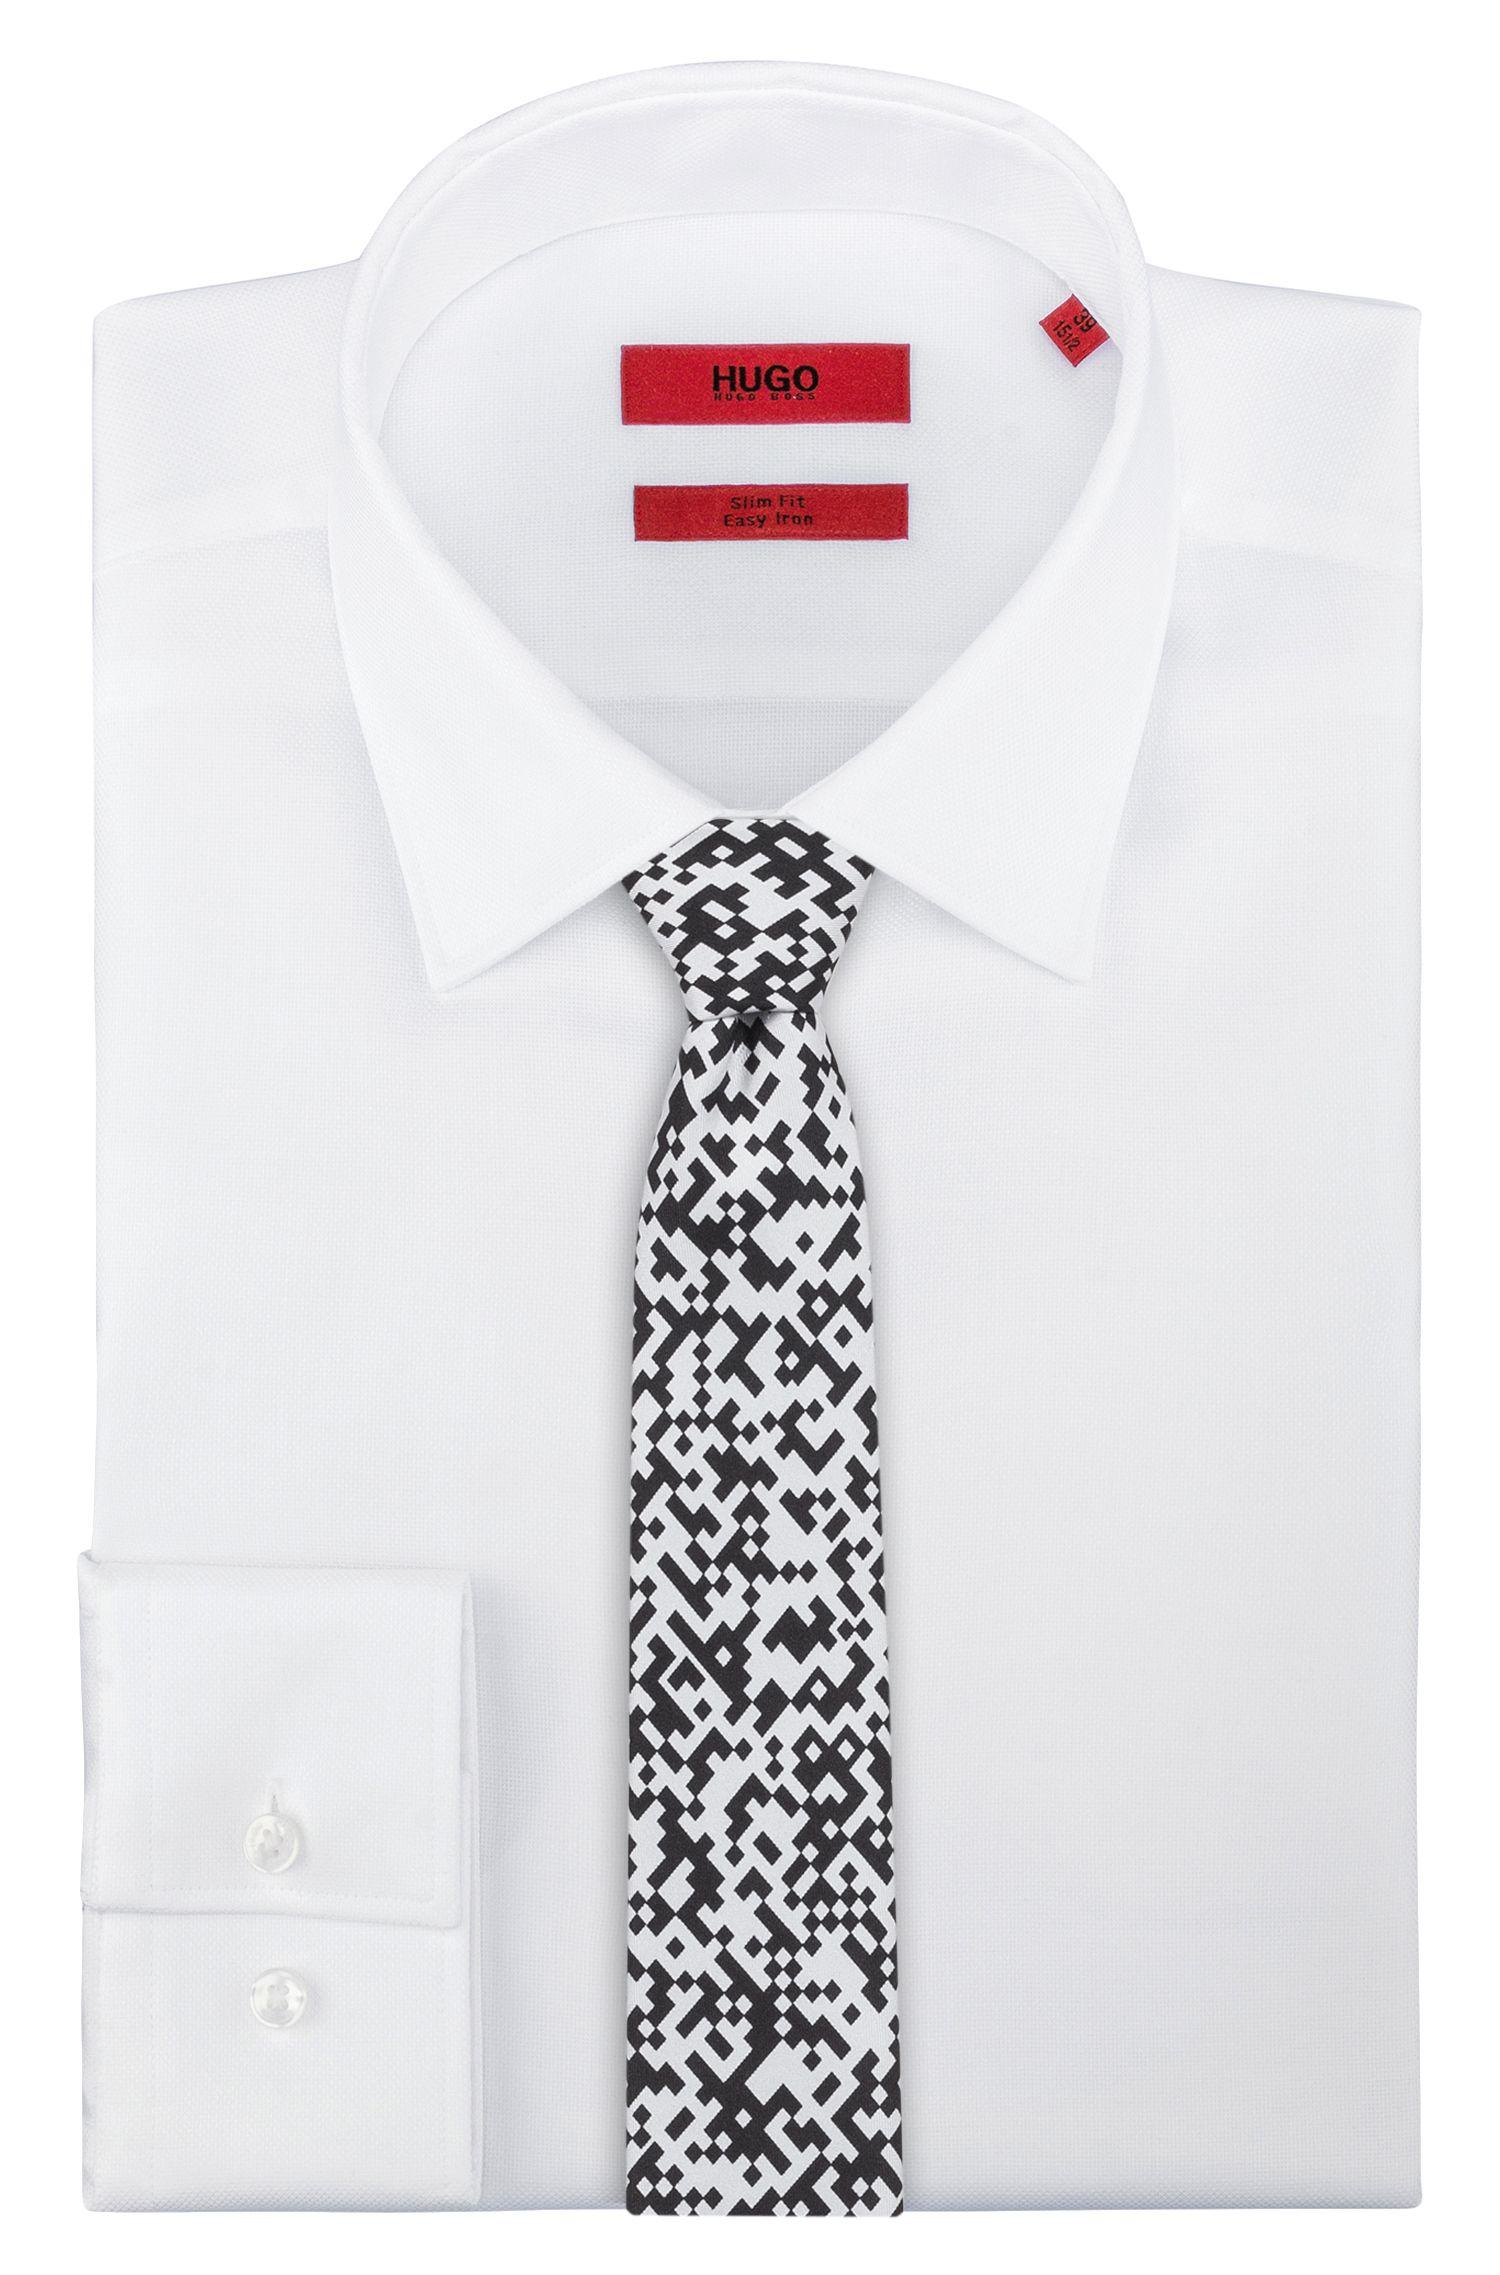 Corbata de seda con estampado de código QR, Fantasía